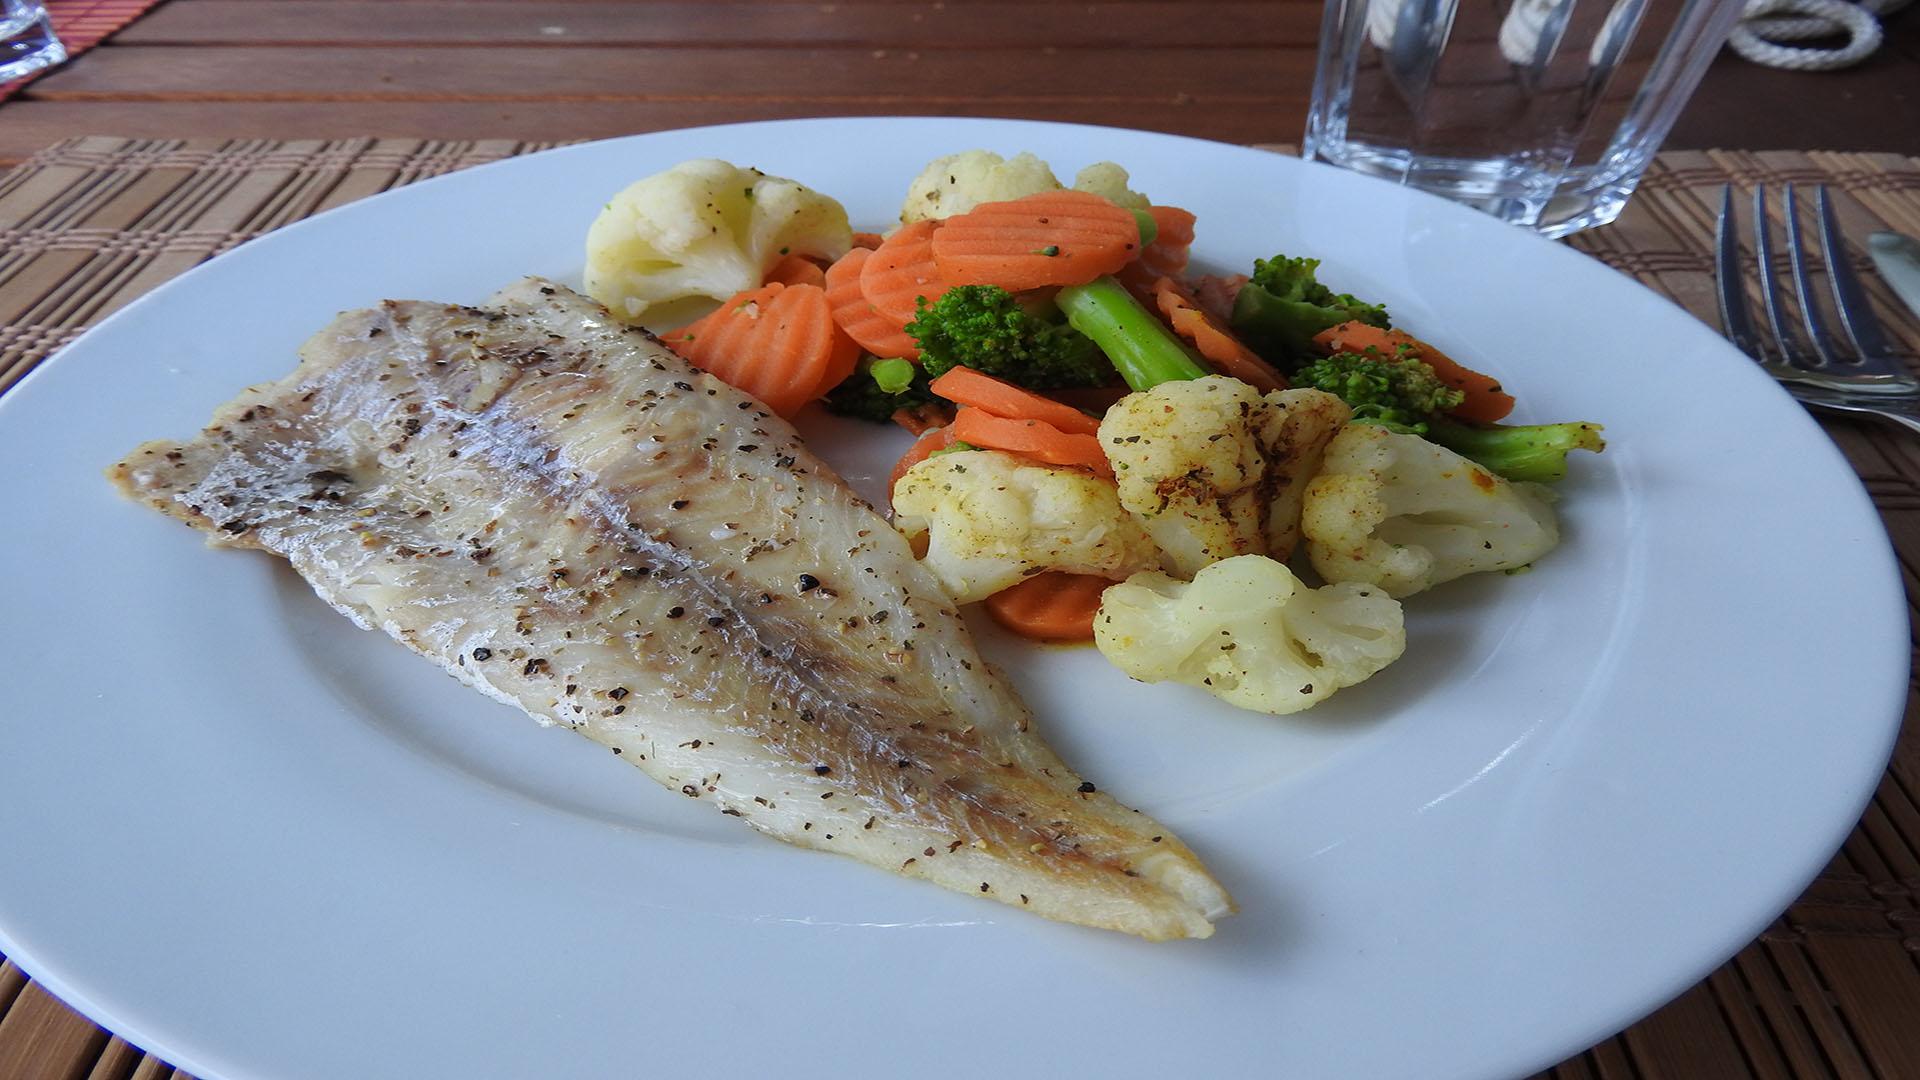 Gegrillter Seelachs mit Kaisergemüse auf Kochen-verstehen.de